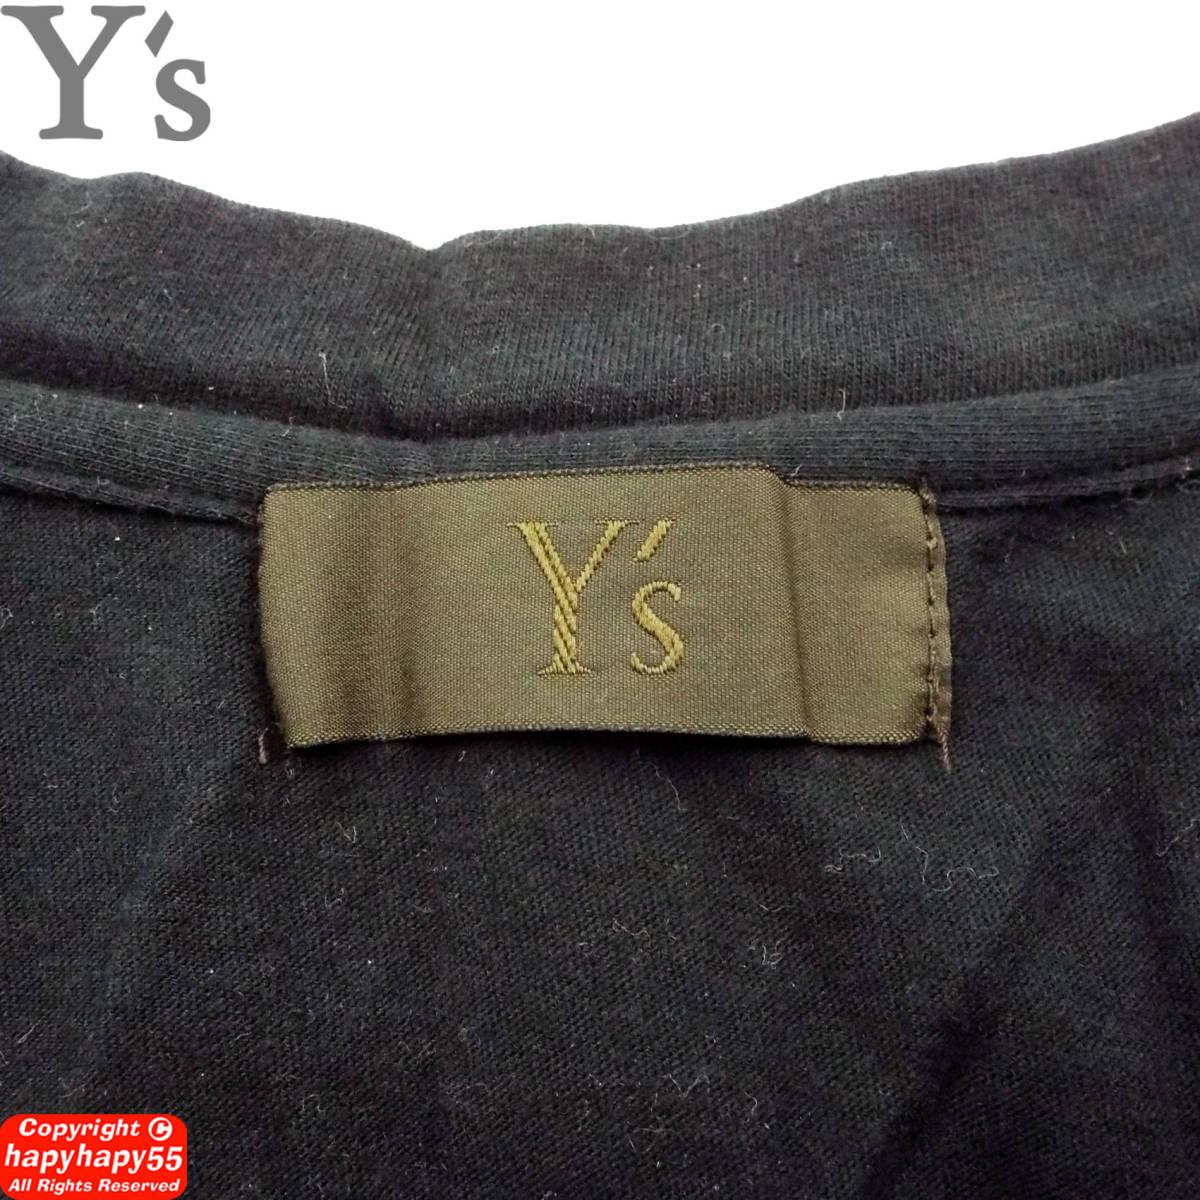 オールドヨウジ■Y's 二重襟ノースリーブカットソー◆変形 YohjiYamamoto ヨウジヤマモトGround'Y-3s'yte ワイズグランドワイスリーサイト_画像9